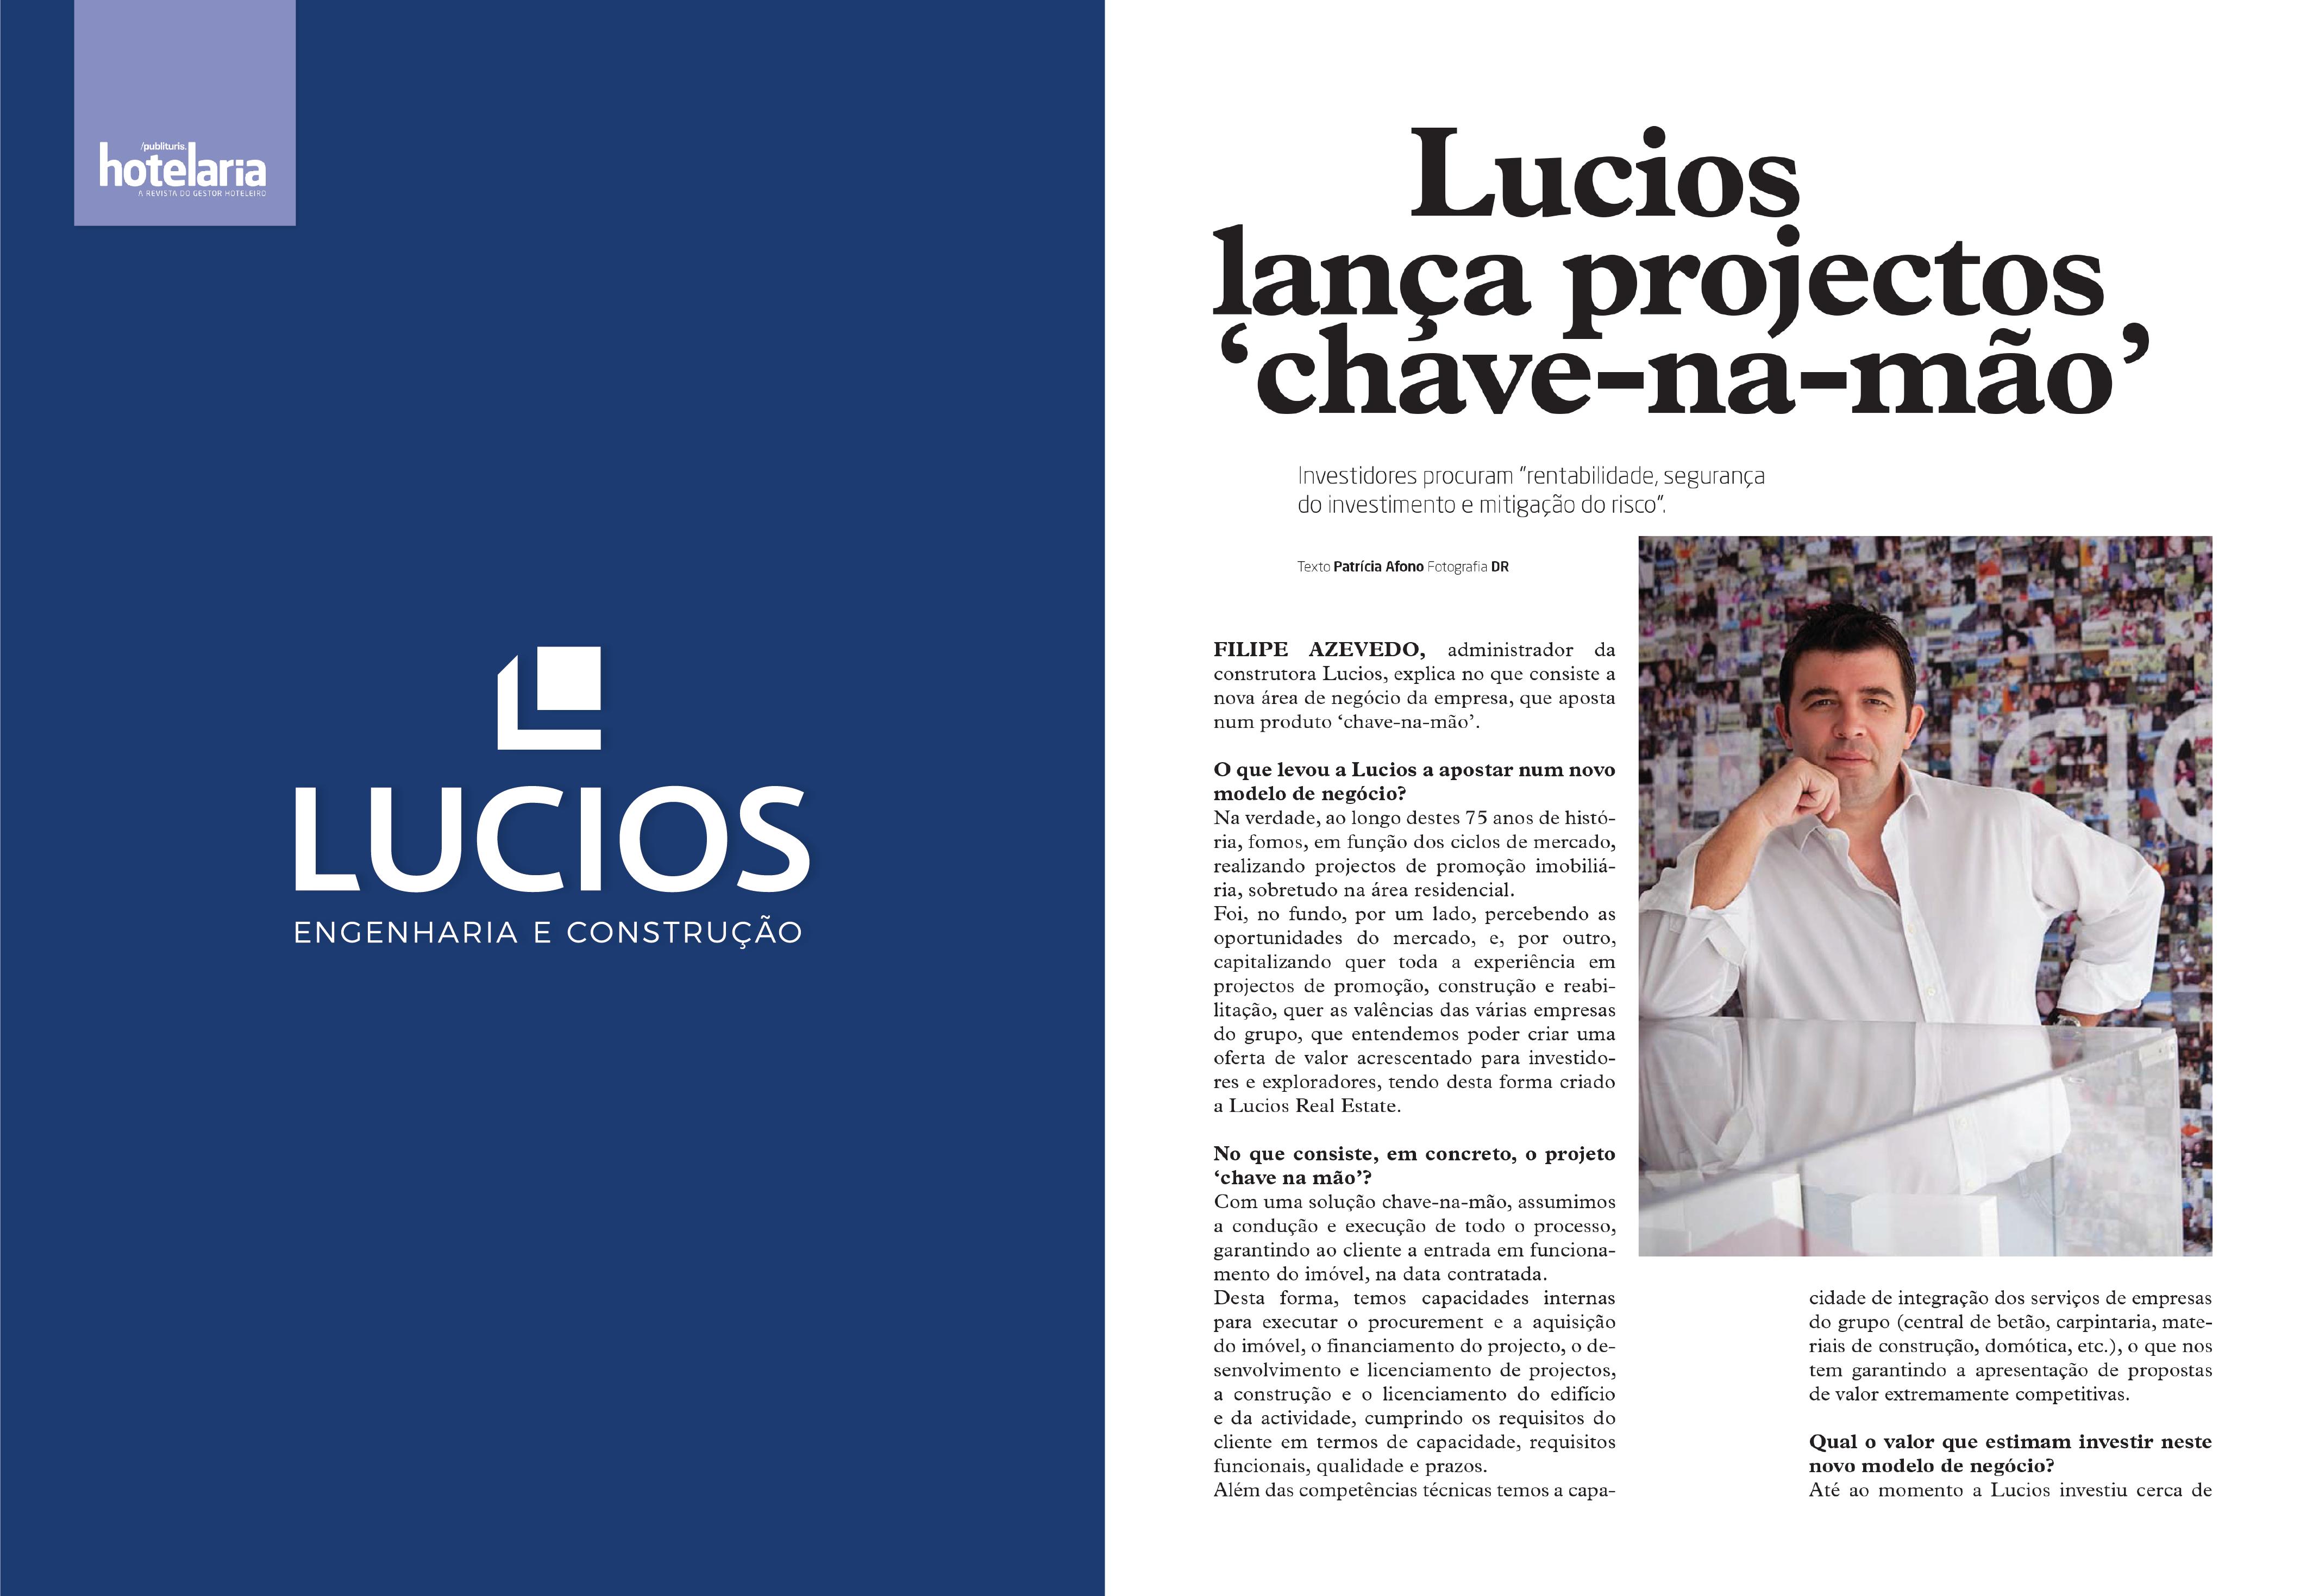 Lucios lança projectos chave-na-mão | Entrevista a Filipe Azevedo